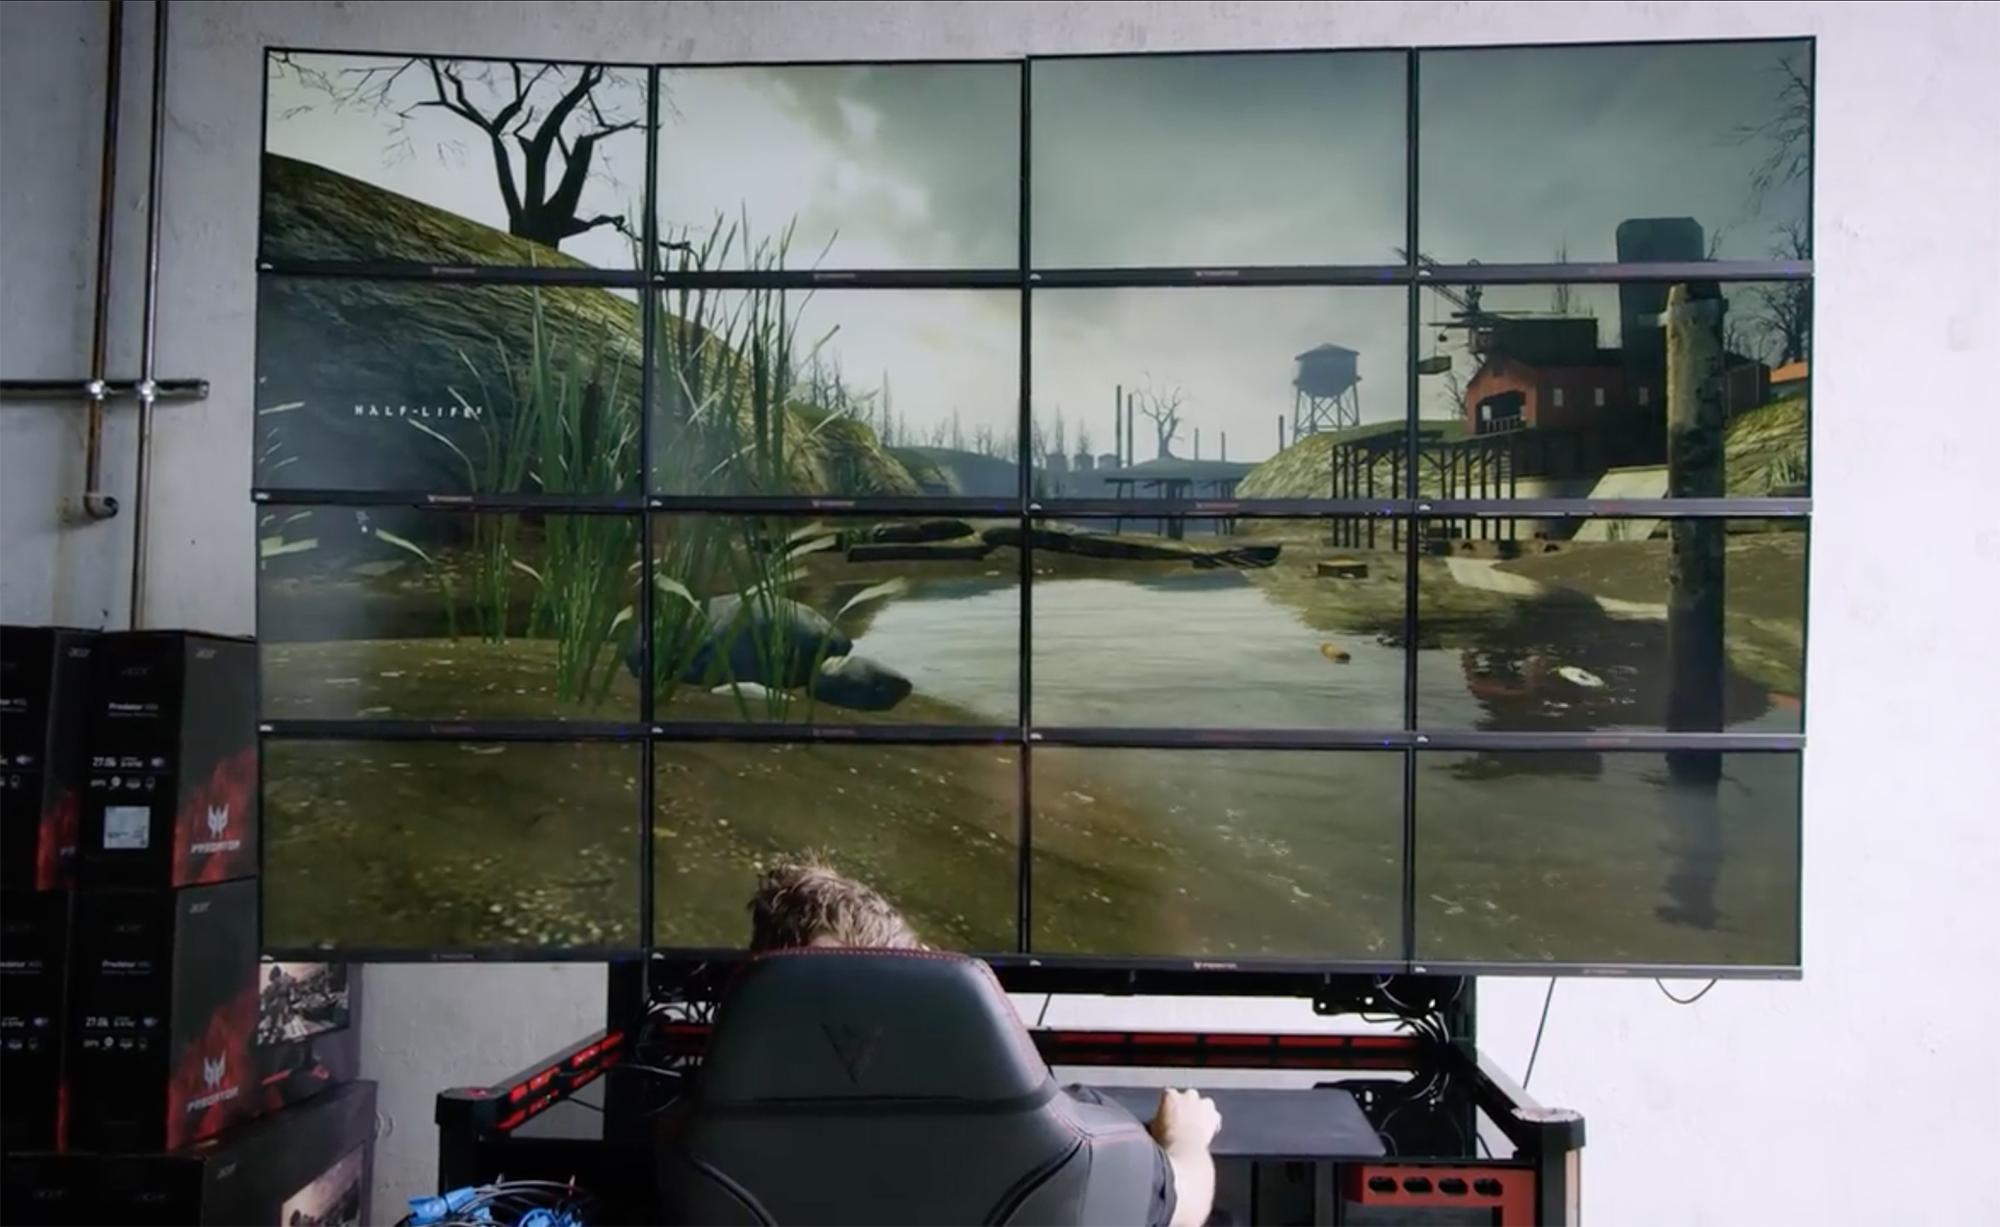 Det er teknisk mulig med dagens maskinvare å kjøre 16K-oppløsning på skjermene, men kan man spille på dette?